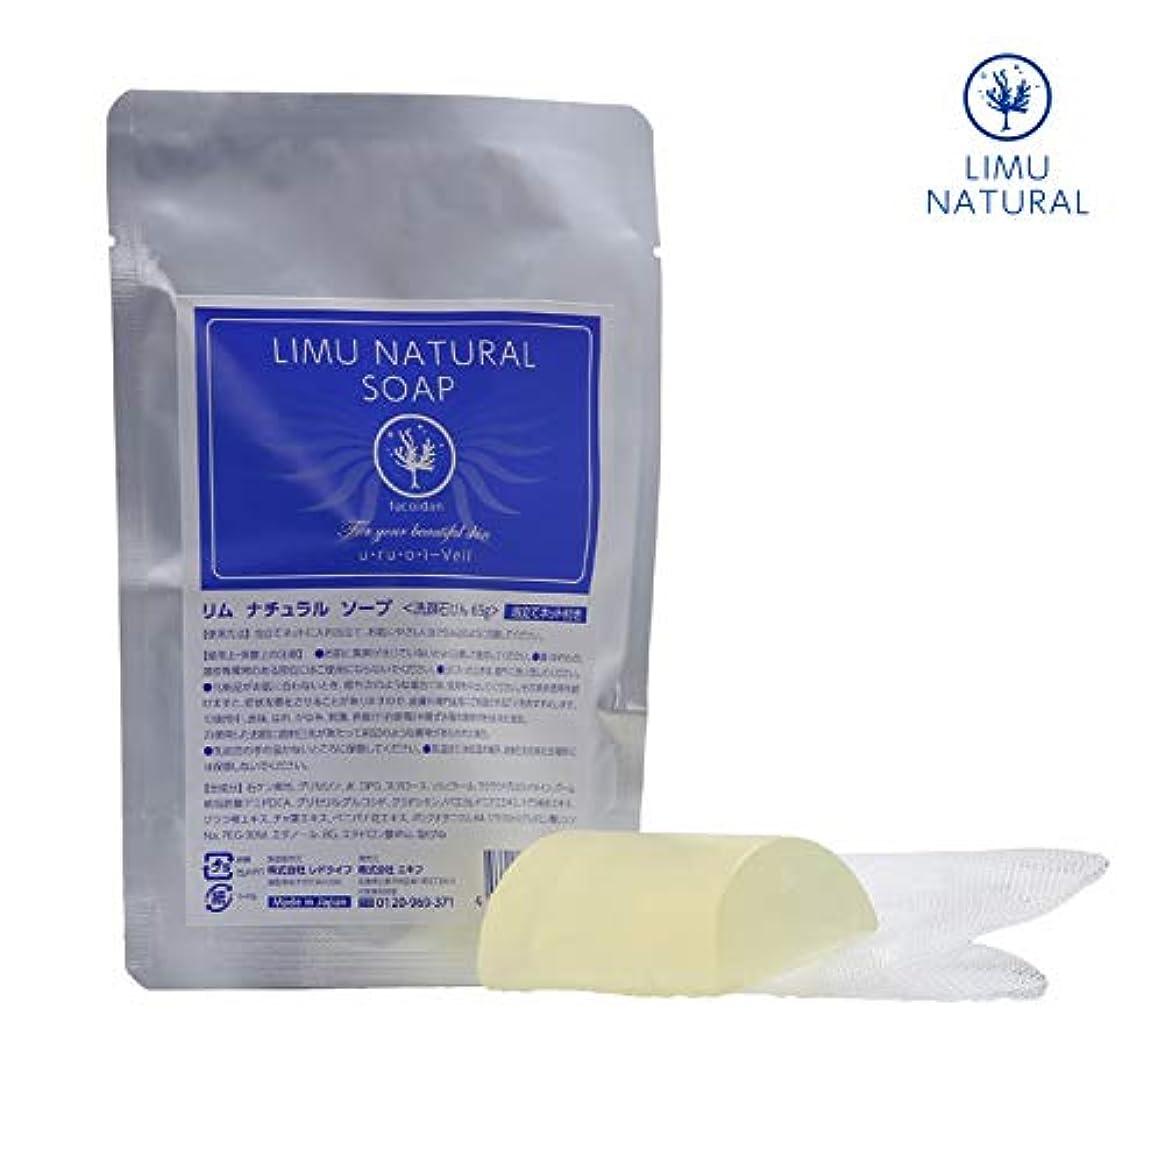 給料硫黄相手リムナチュラルソープ LIMU NATURAL SOAP ヌルあわ洗顔石けん 泡だてネット付き「美白&保湿」「フコイダン」+「グリセリルグルコシド」天然植物成分を贅沢に配合 W効果 日本製